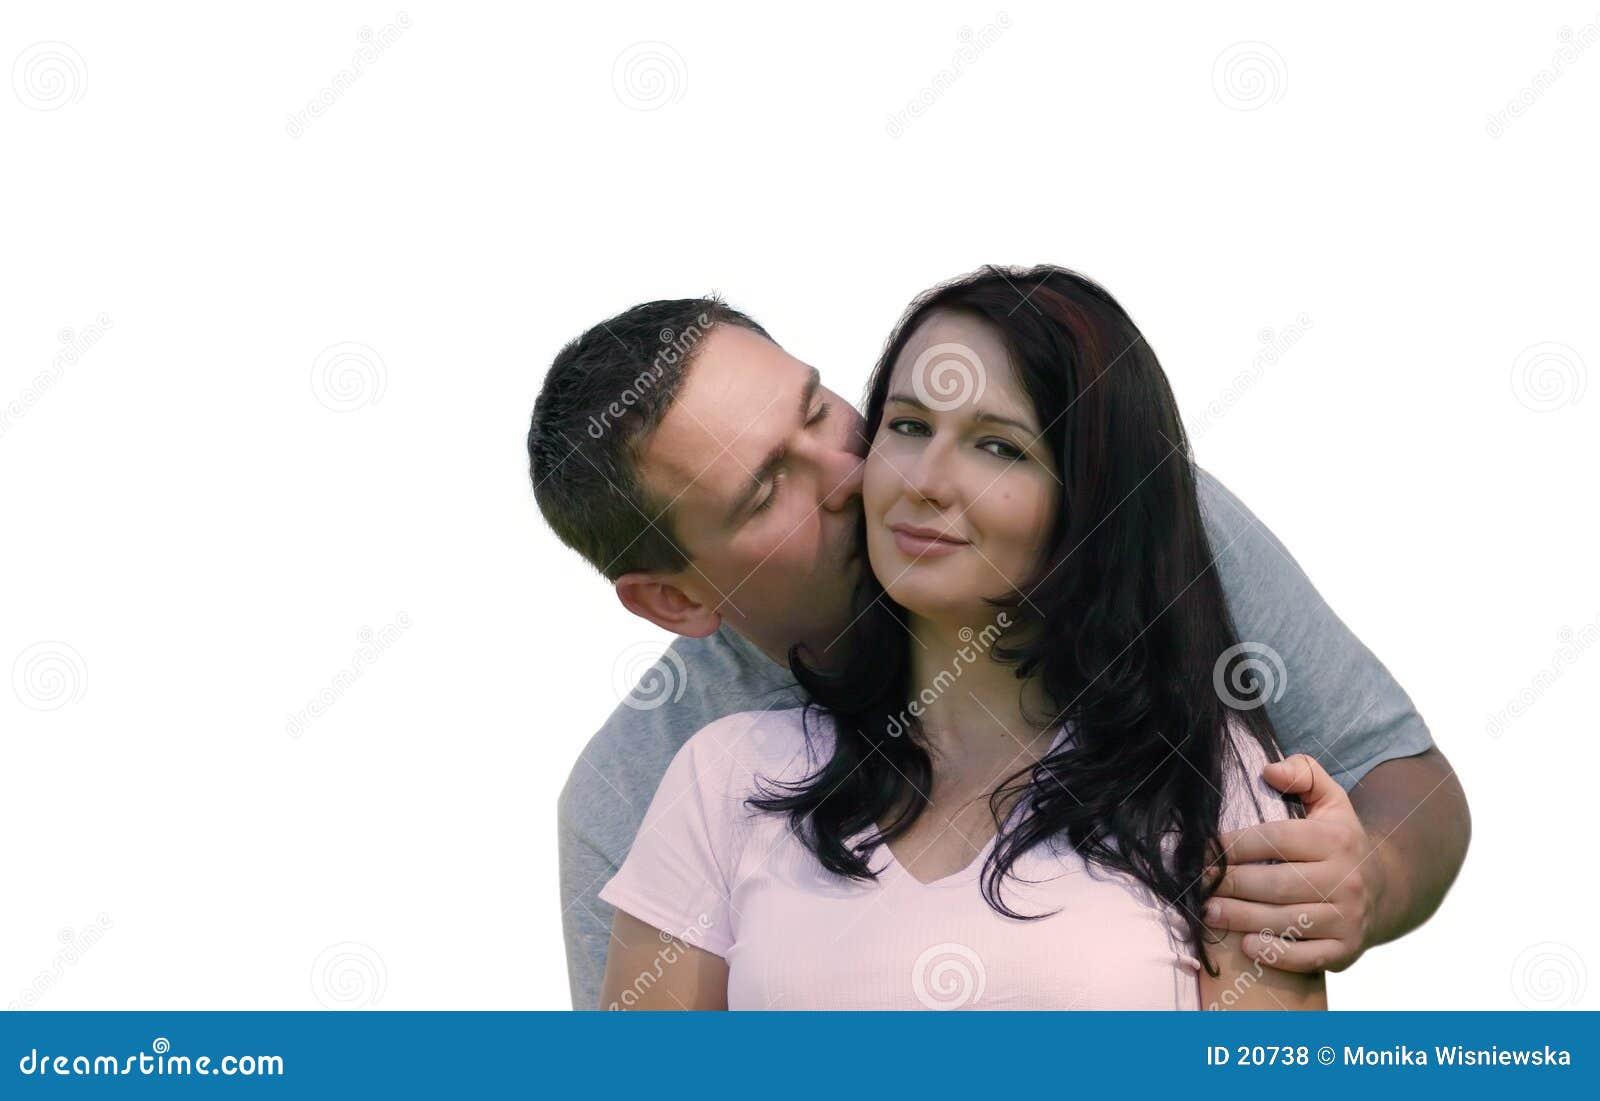 Gente - beso dulce